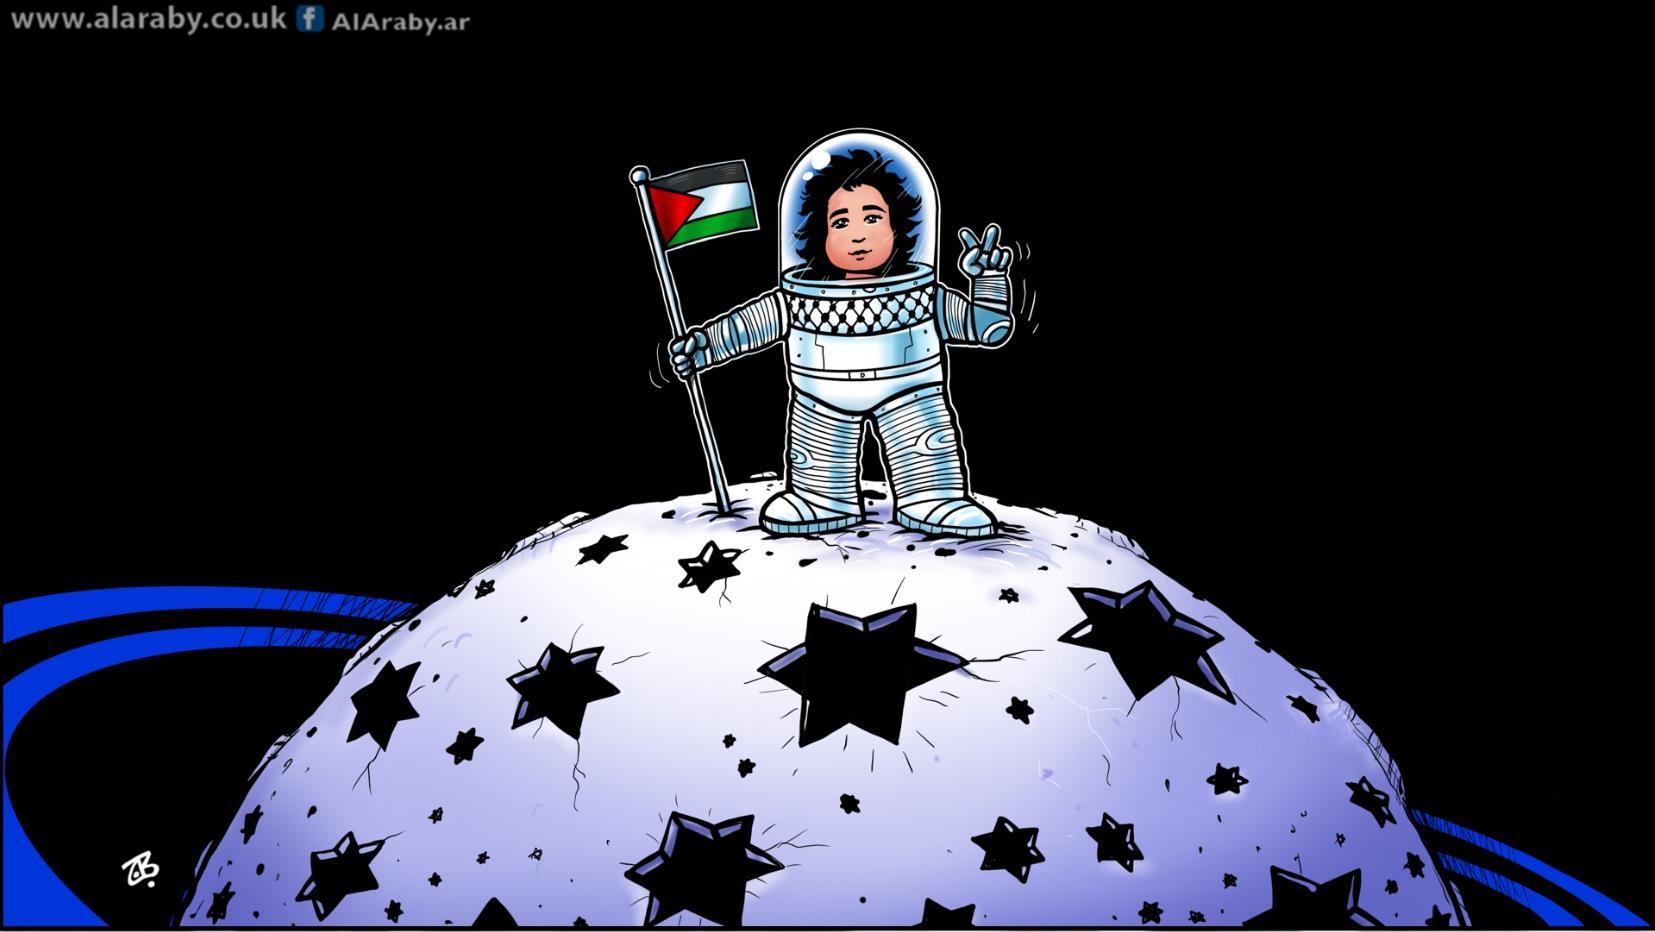 انتصار%20فلسطين